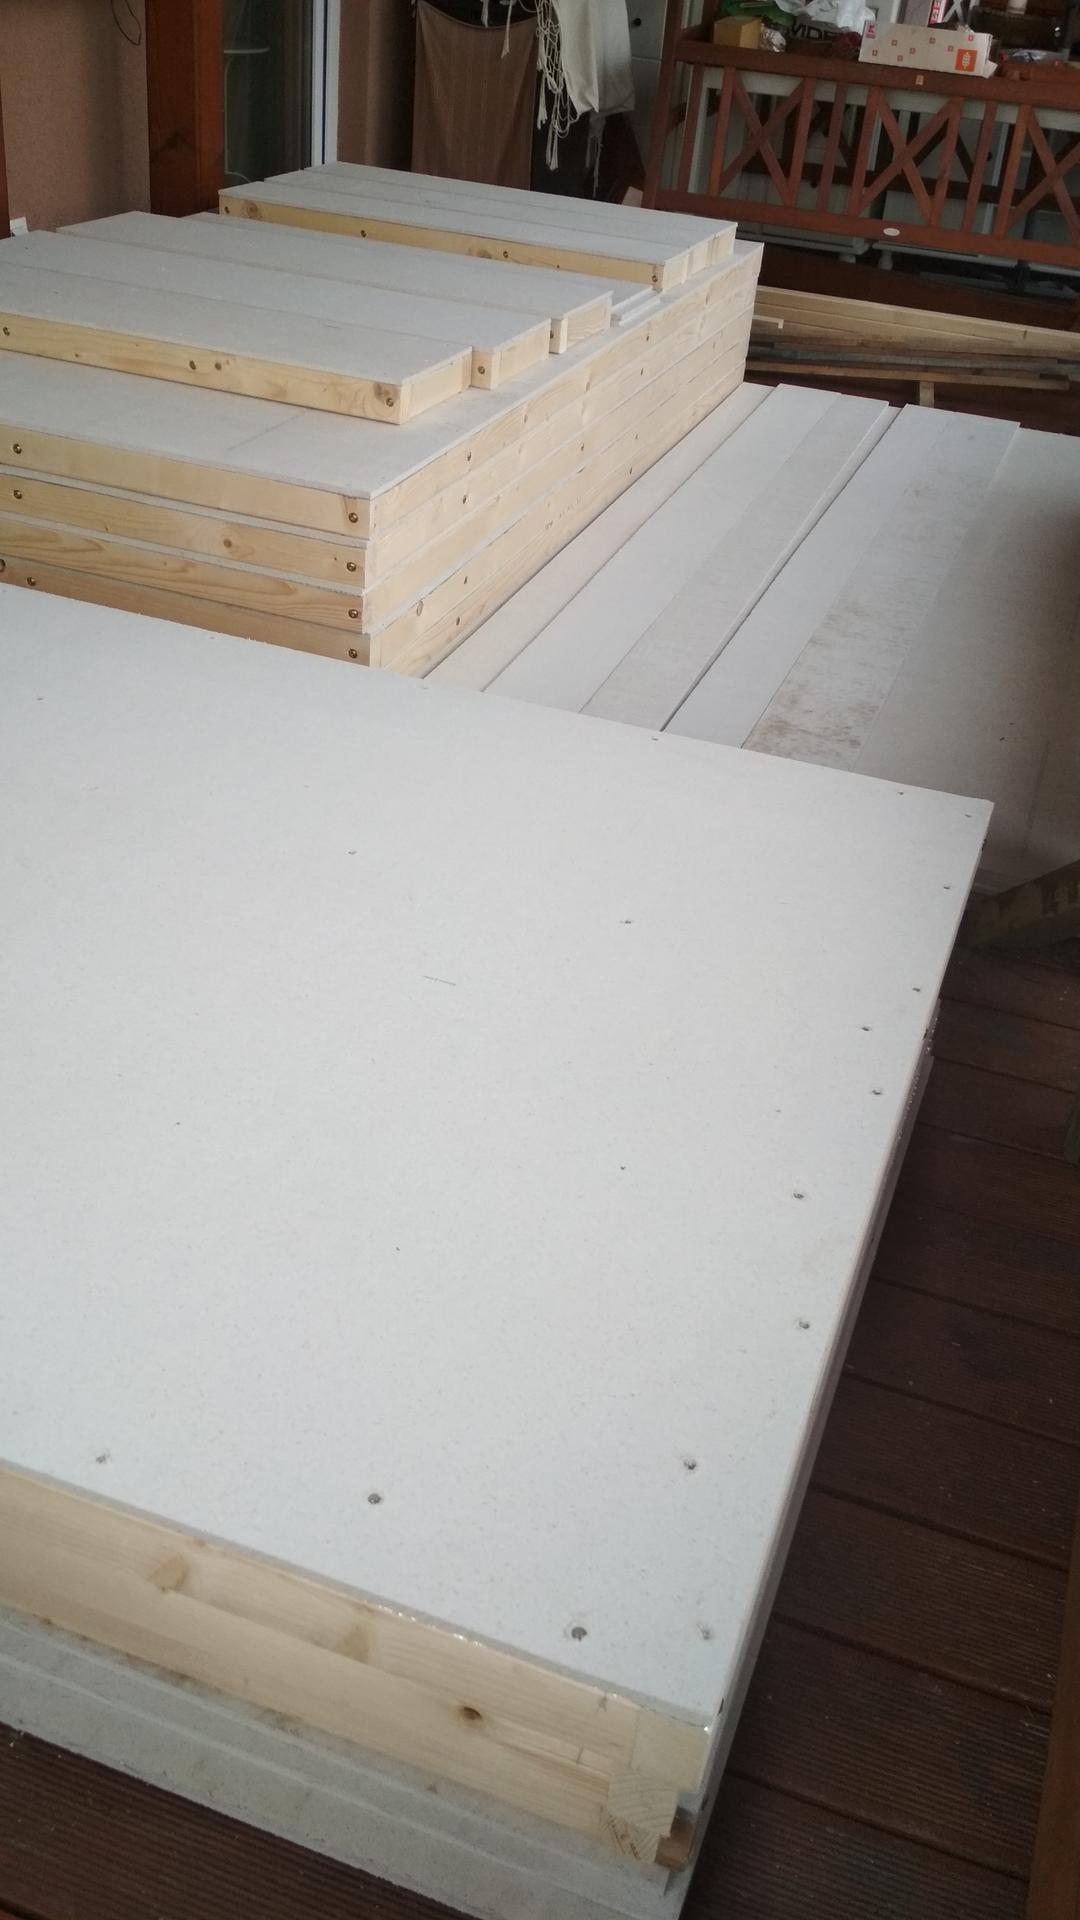 Relaxačný domček sauna a oddychová miestnosť ... plány, príprava a realizácia - Obrázok č. 38